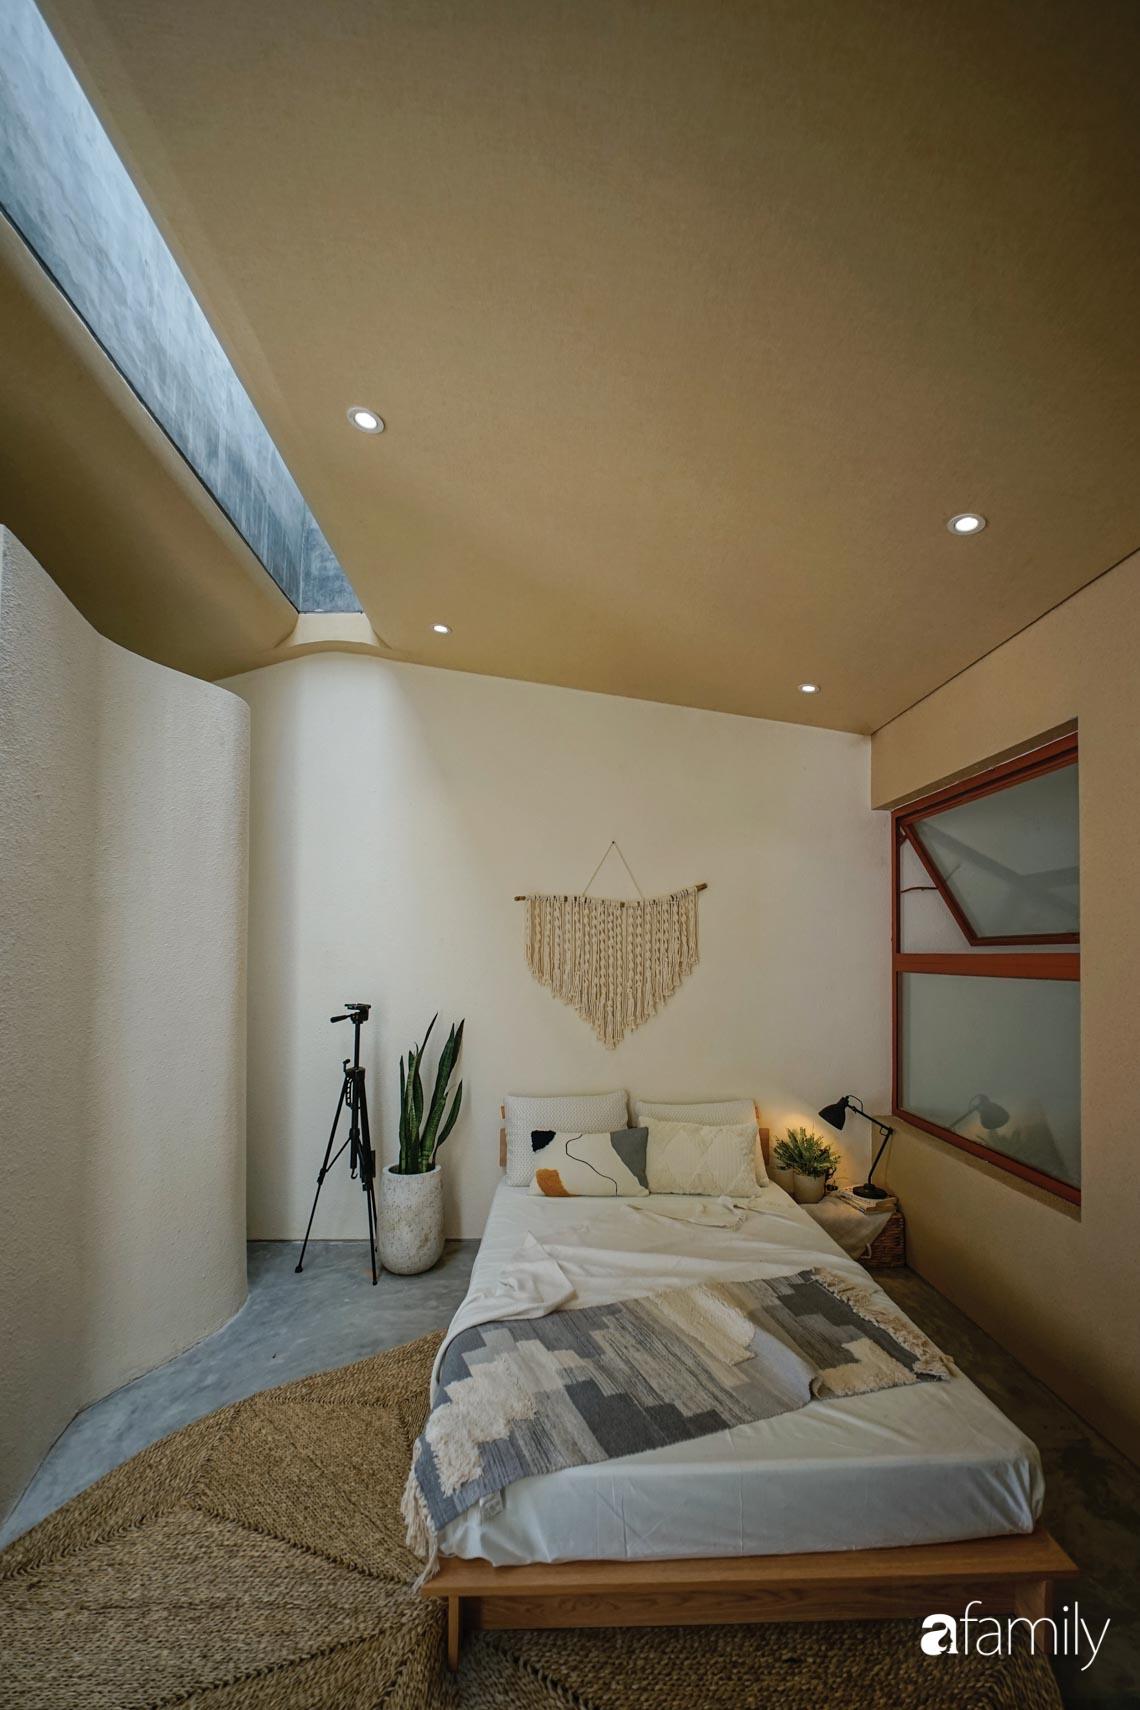 Ngôi nhà phố thiết kế khác biệt để mang đến những điều đặc biệt cho cuộc sống của gia đình trẻ ở TP HCM - Ảnh 7.